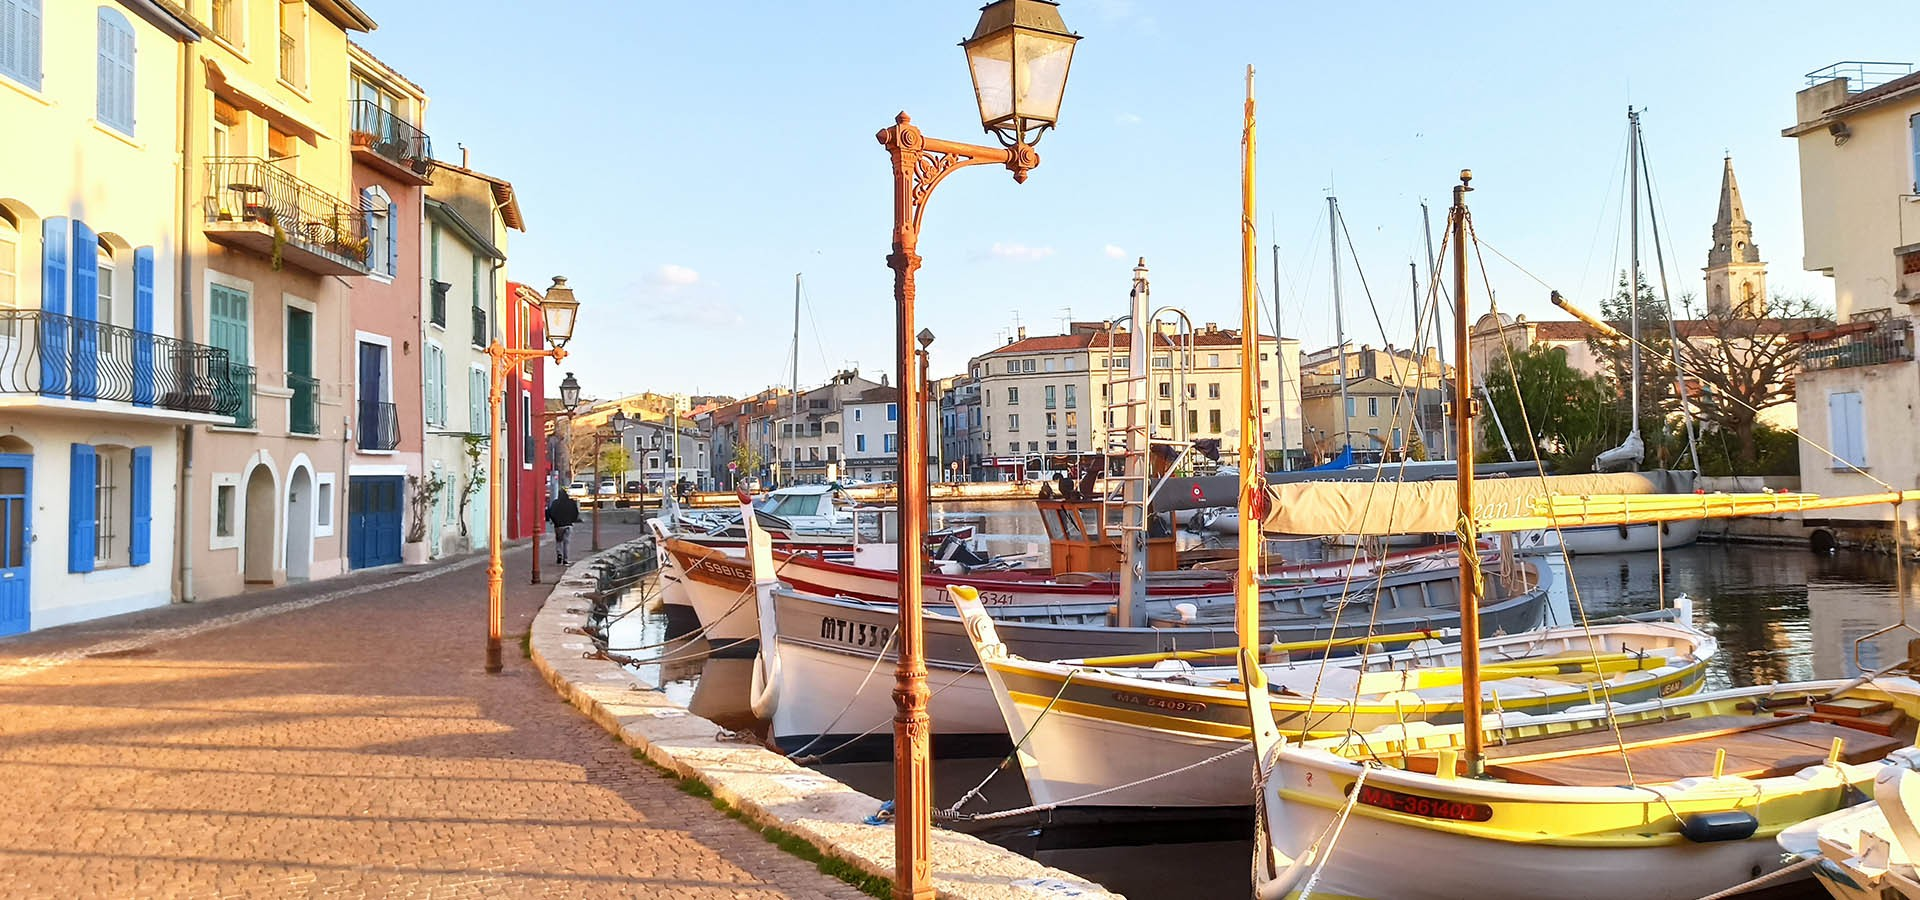 Stroll through the city center of Martigues